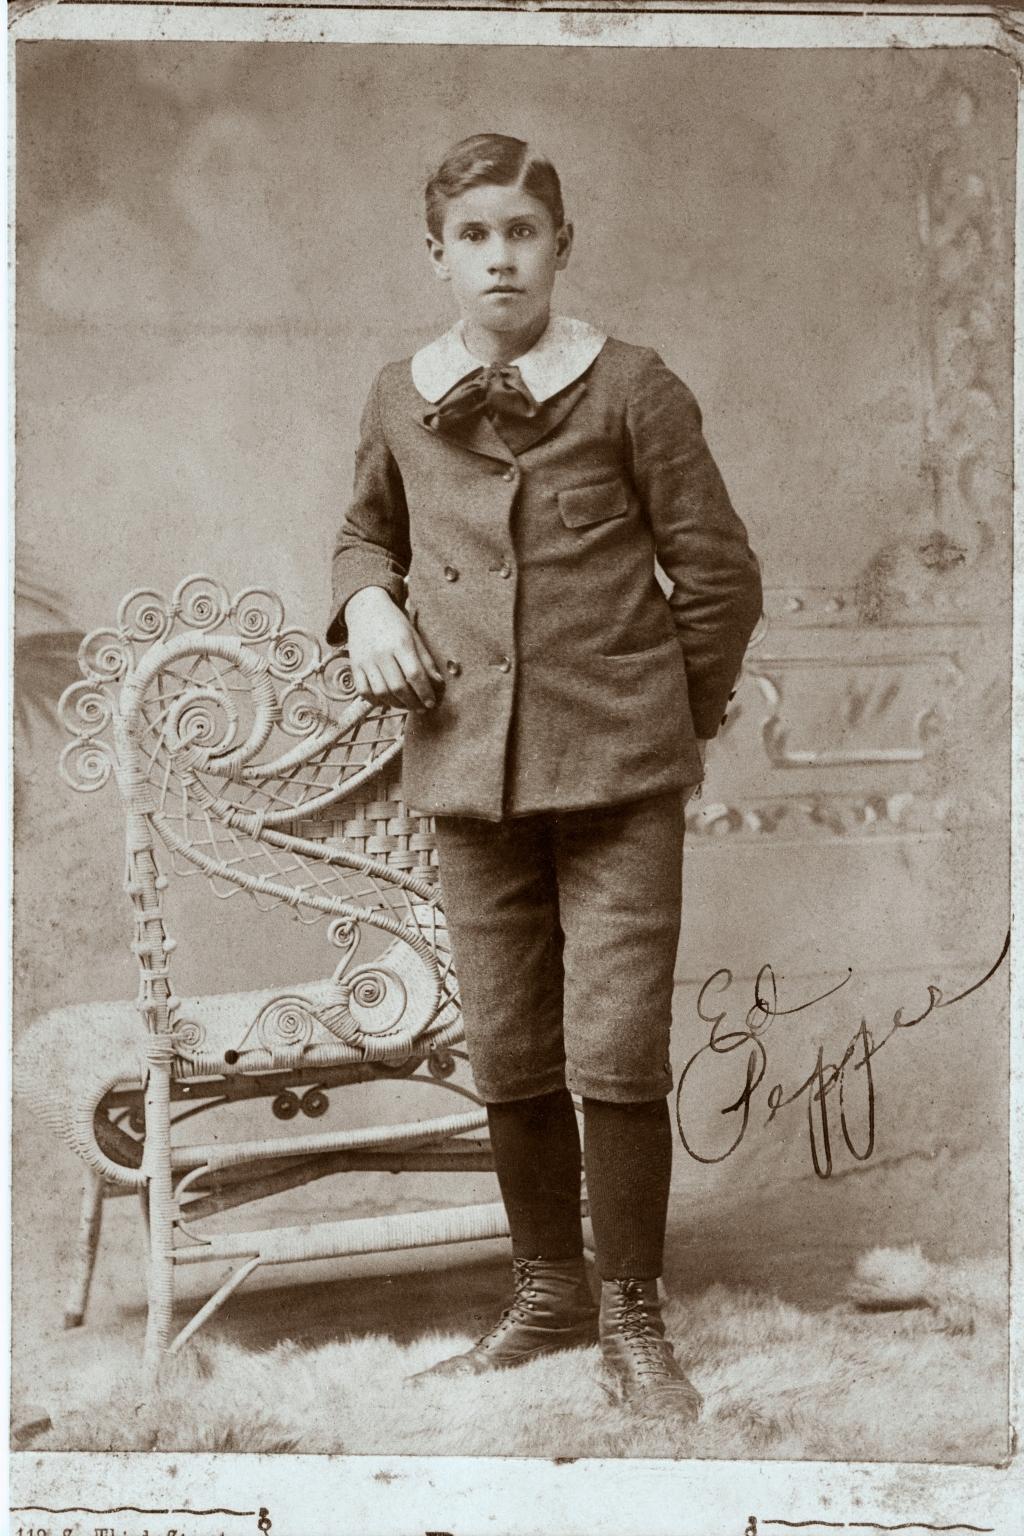 Edward Bell Pepper (1883-1945)